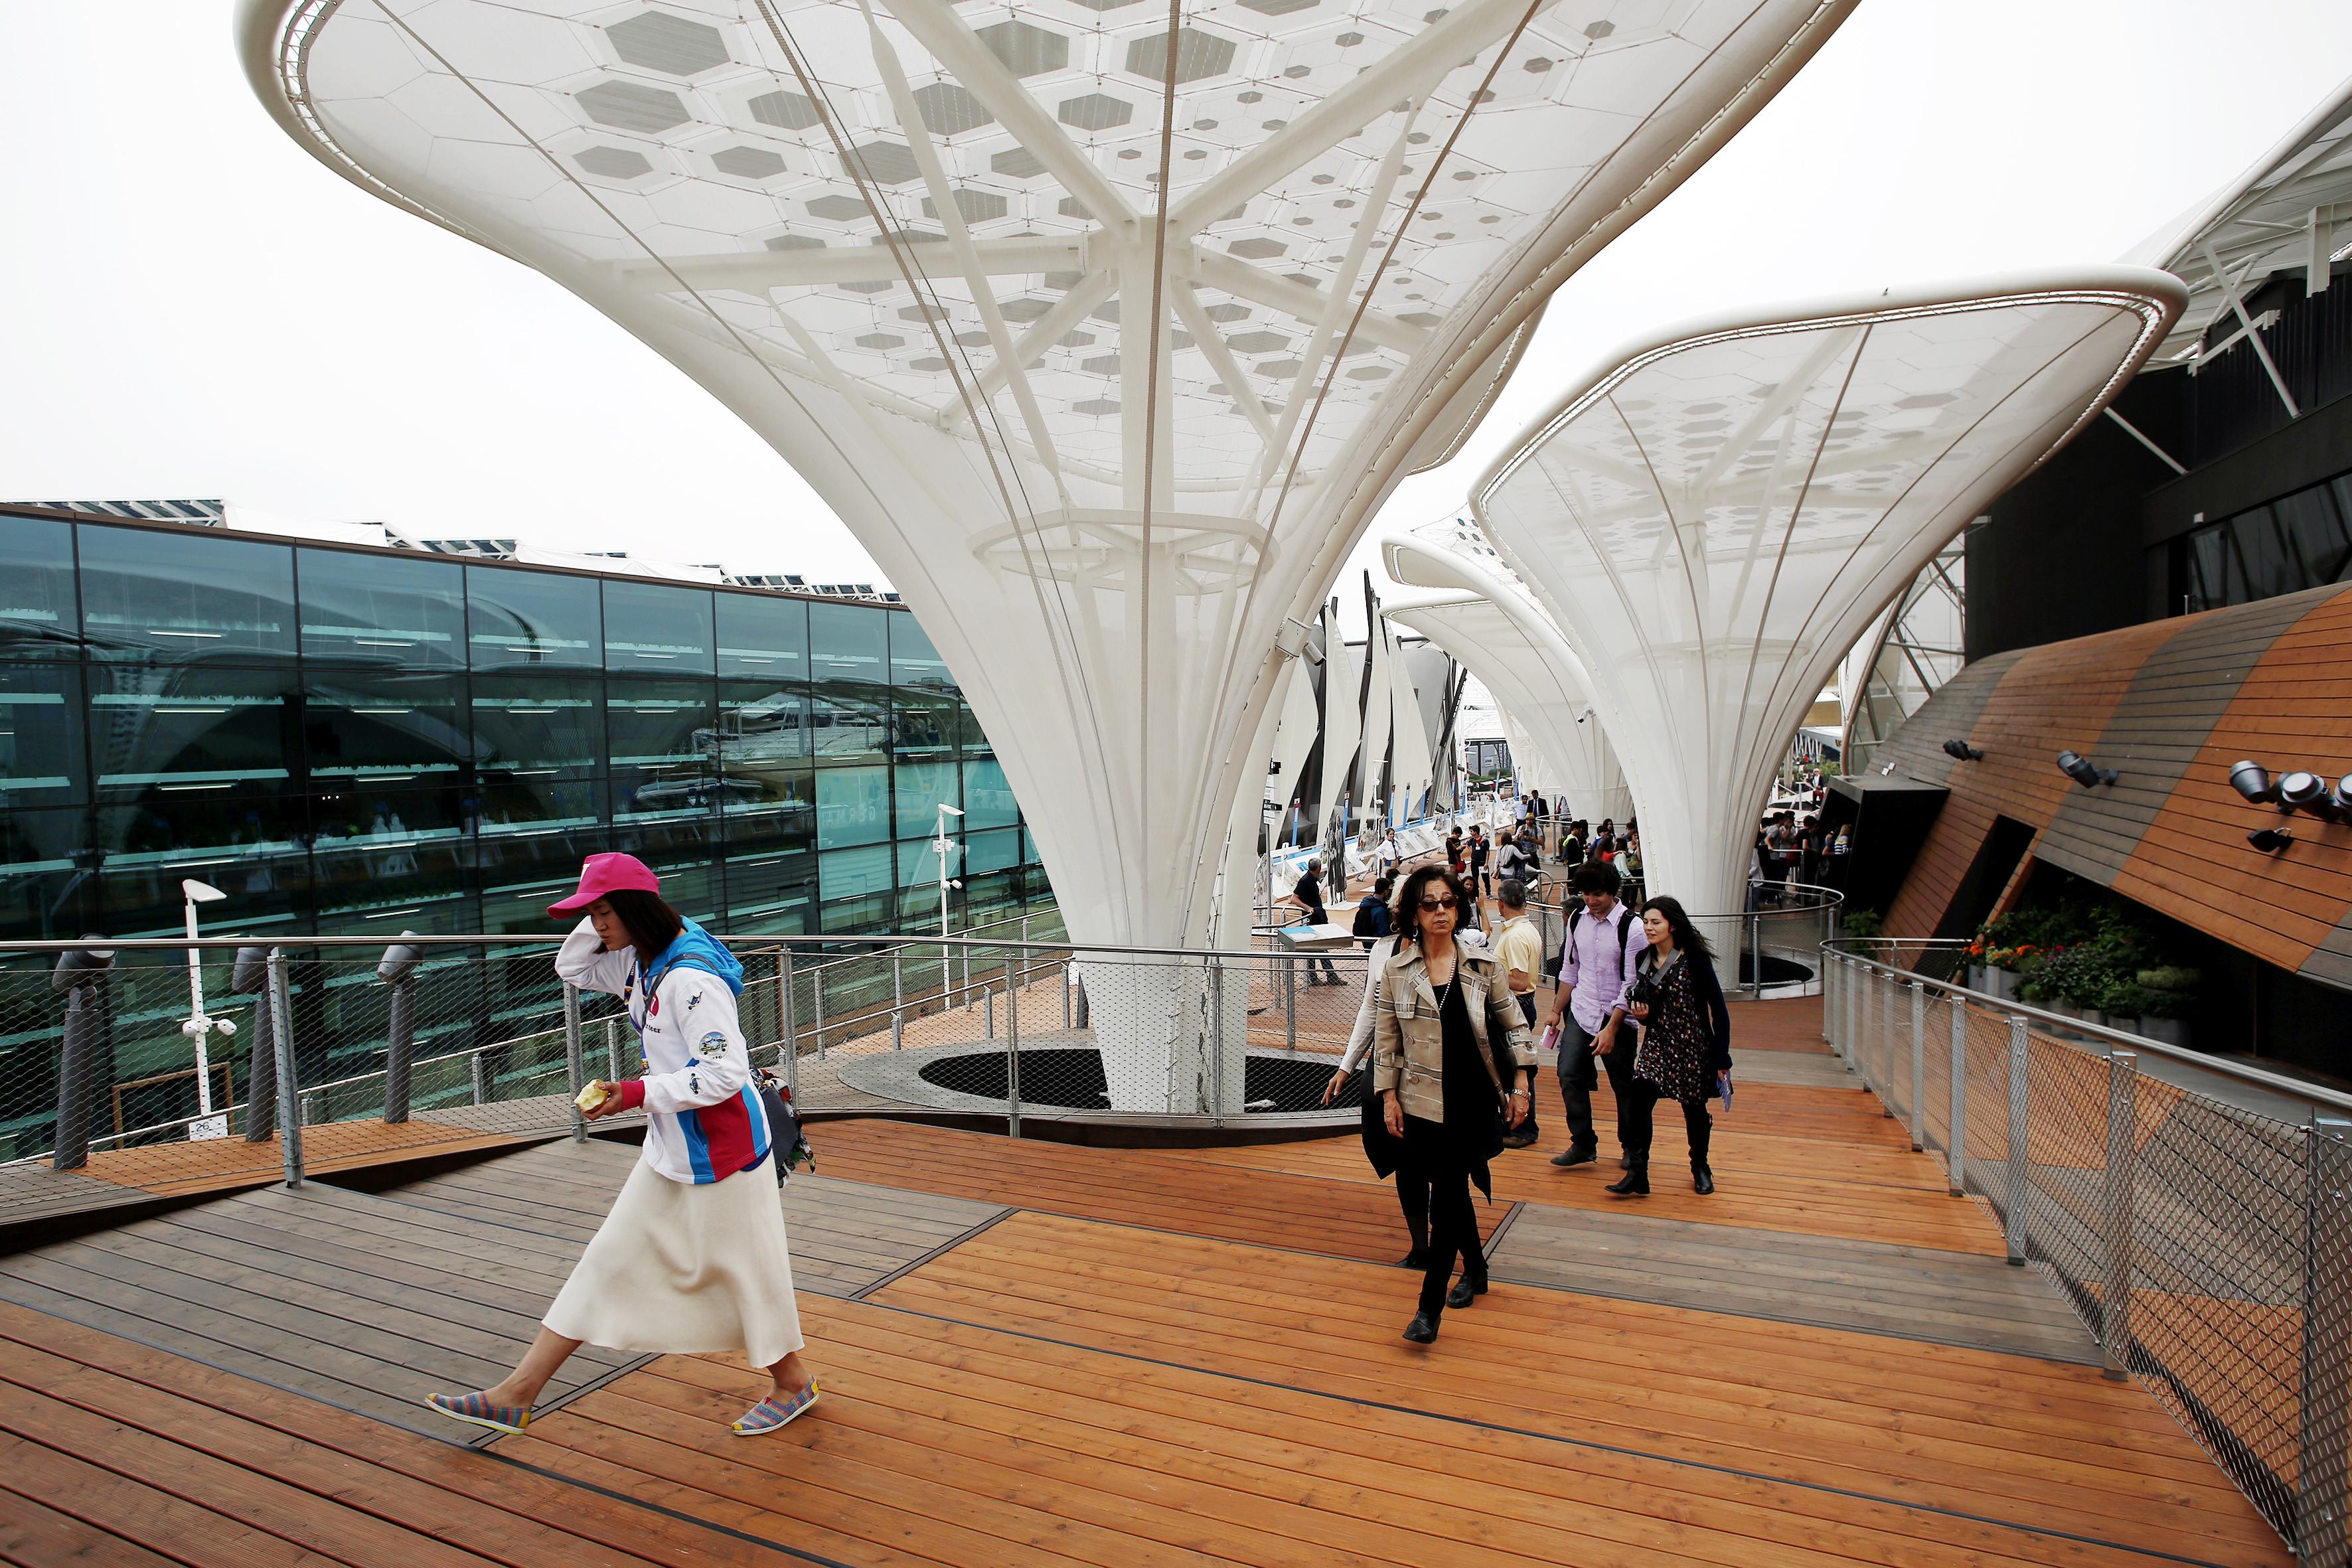 Falmec Per Expo Milano 2015 : Expo milano in volo sulla germania con il padiglione